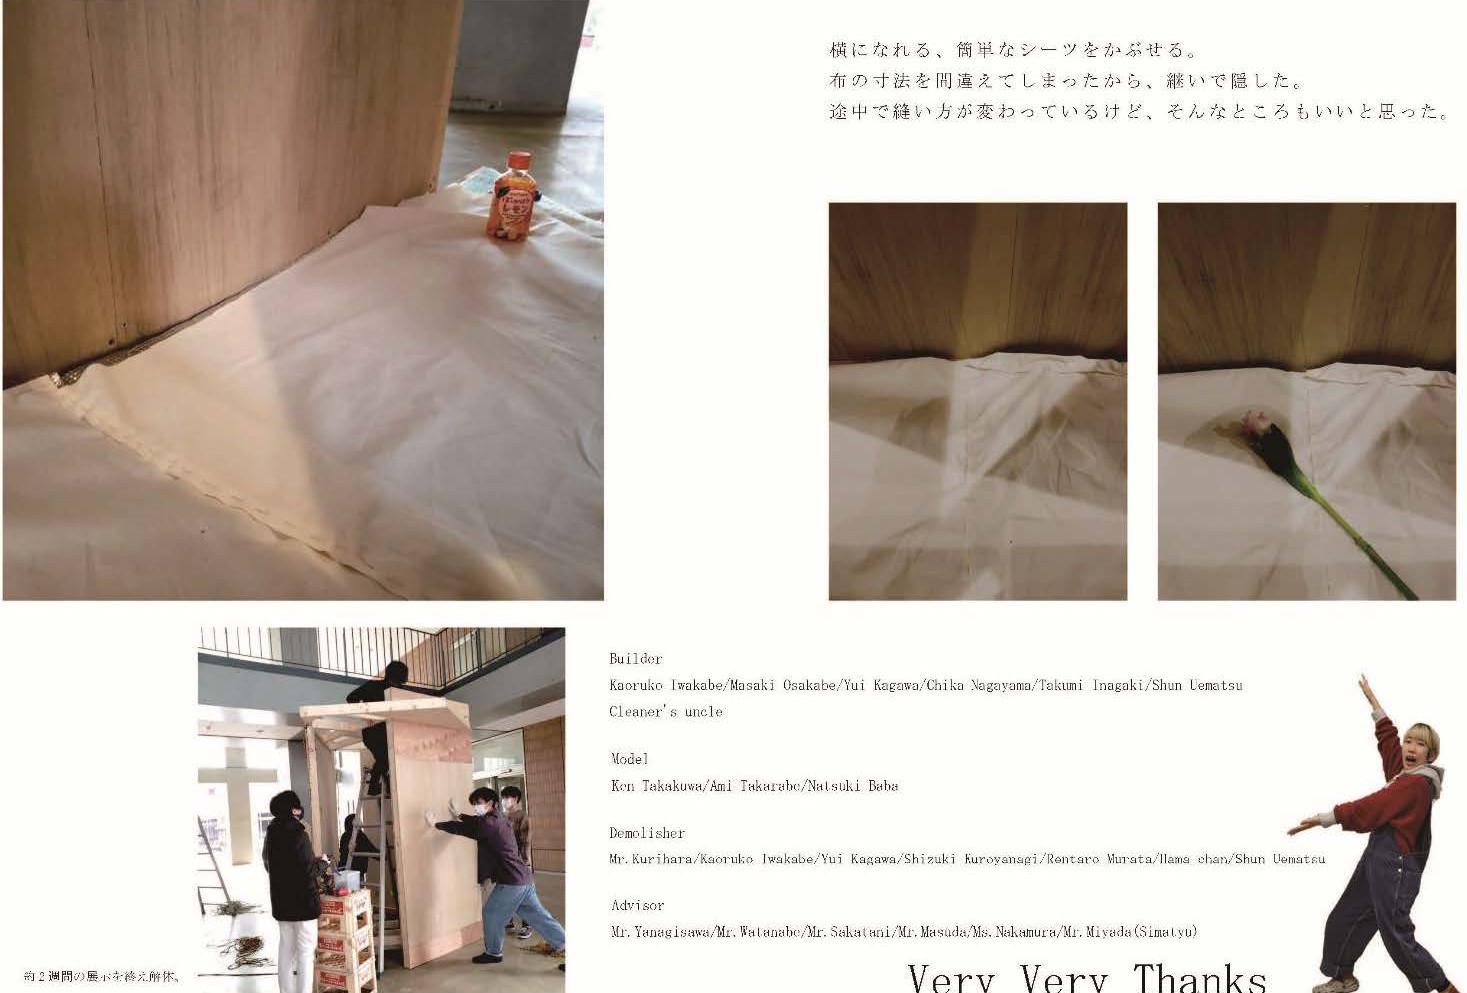 建築展WEB_ページ_29.jpg